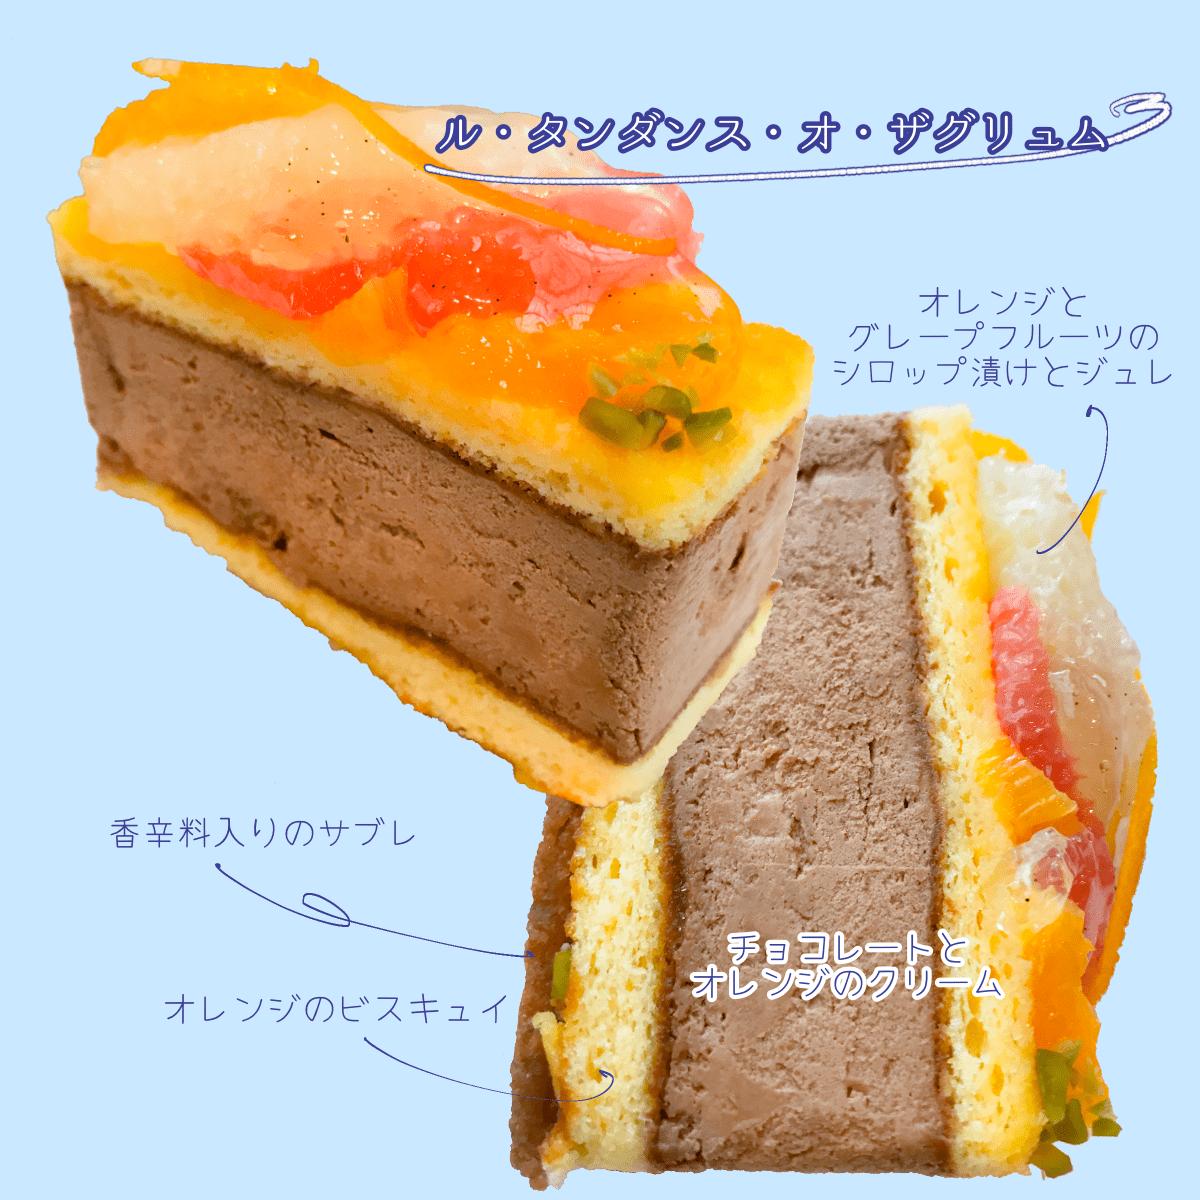 イルプルーのケーキ ル・タンダンス・オ・ザグリュム